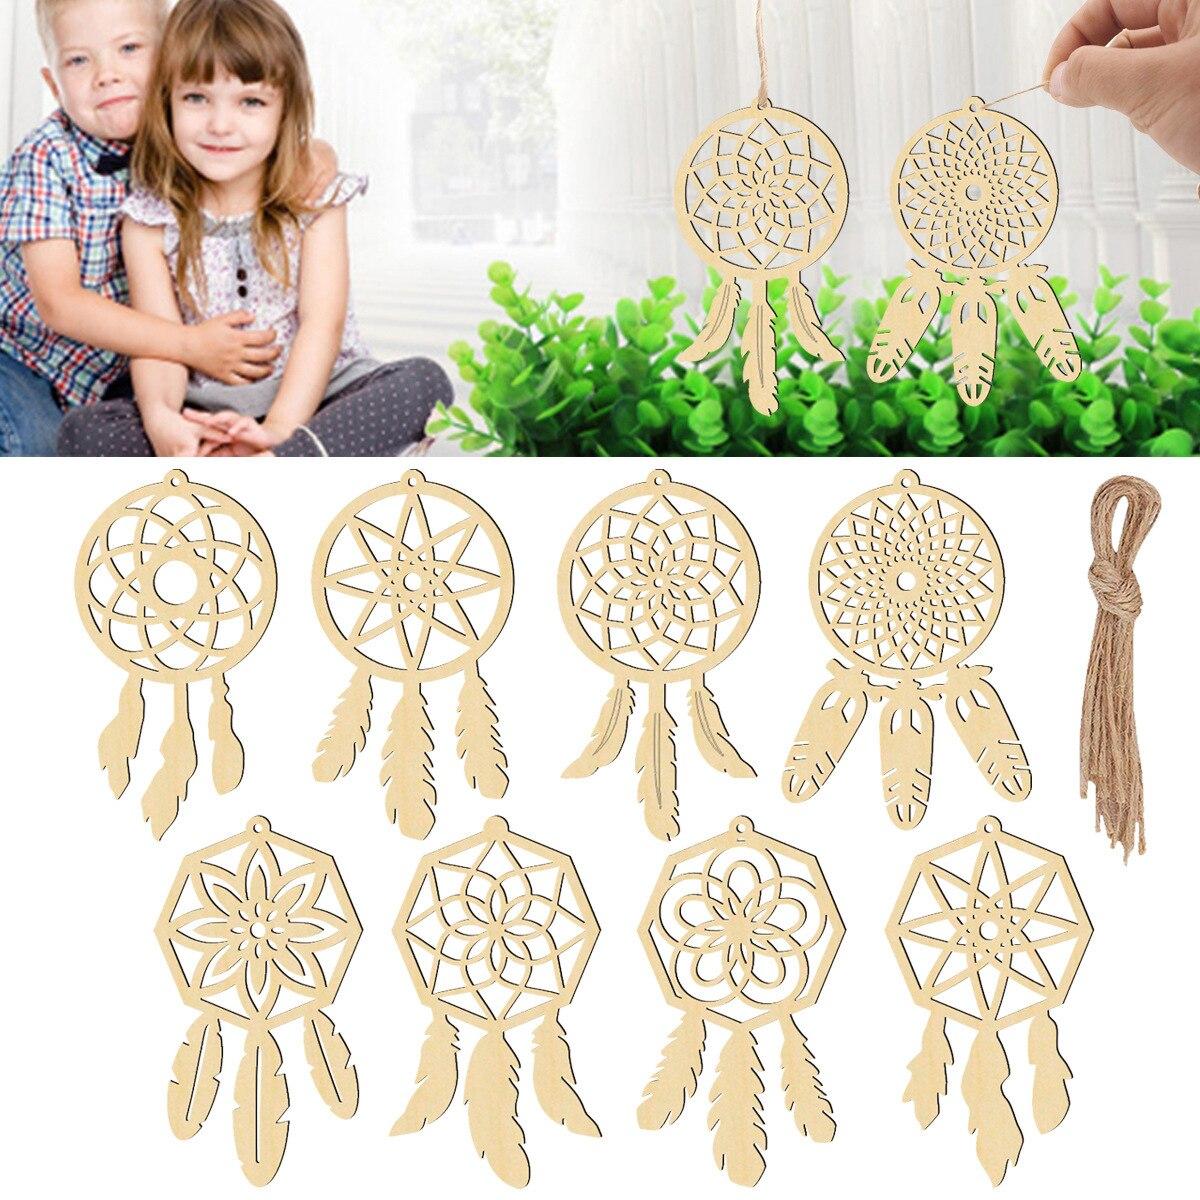 Atrapasueños de madera para decoración de habitaciones de niñas, accesorio nórdico para...